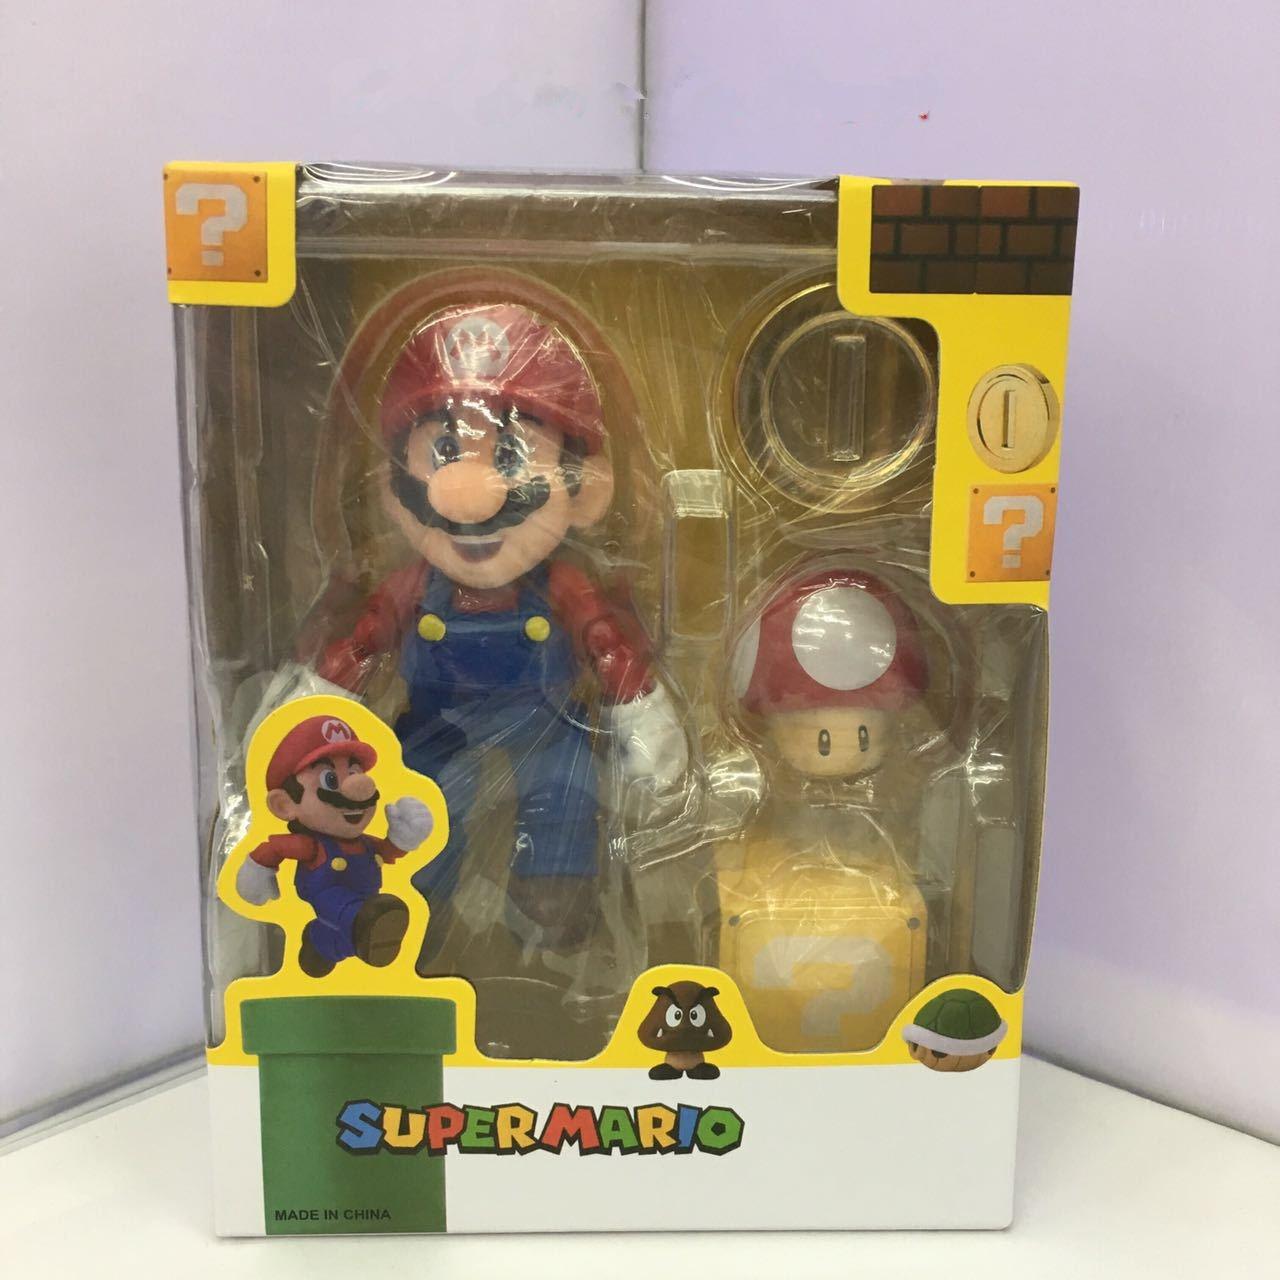 SHFiguarts Super Mario Bros Mario & Toad / Luigi & Koopa PVC Action Figure Collectible Model Toy 11cm KT3857 shfiguarts super mario bros mario